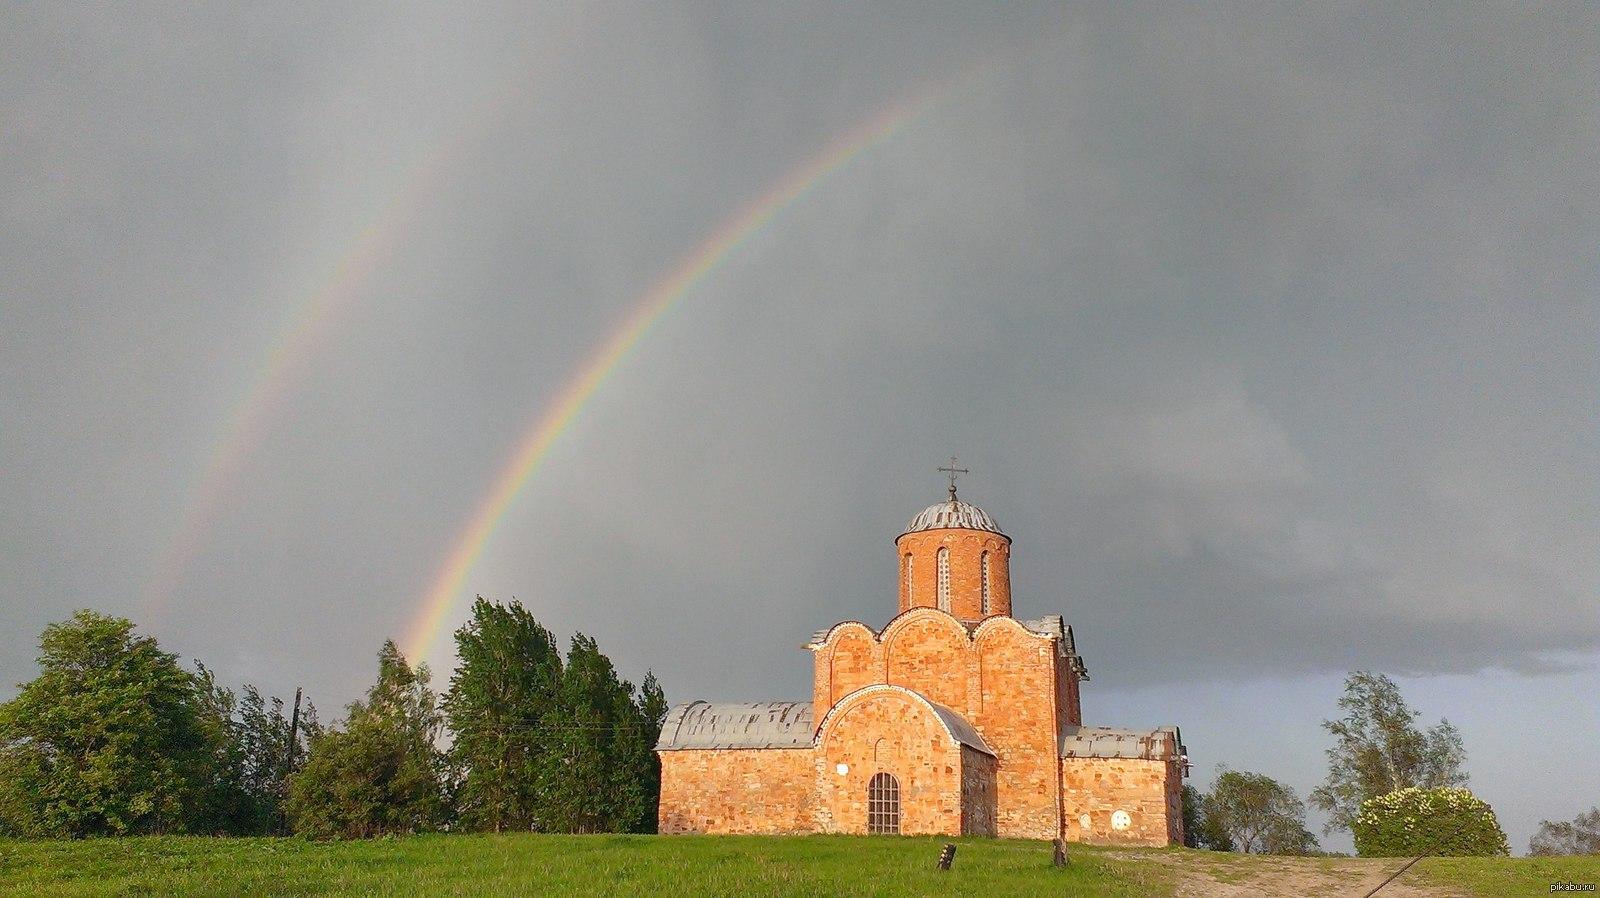 красивые картинки с церквями и радугой что это